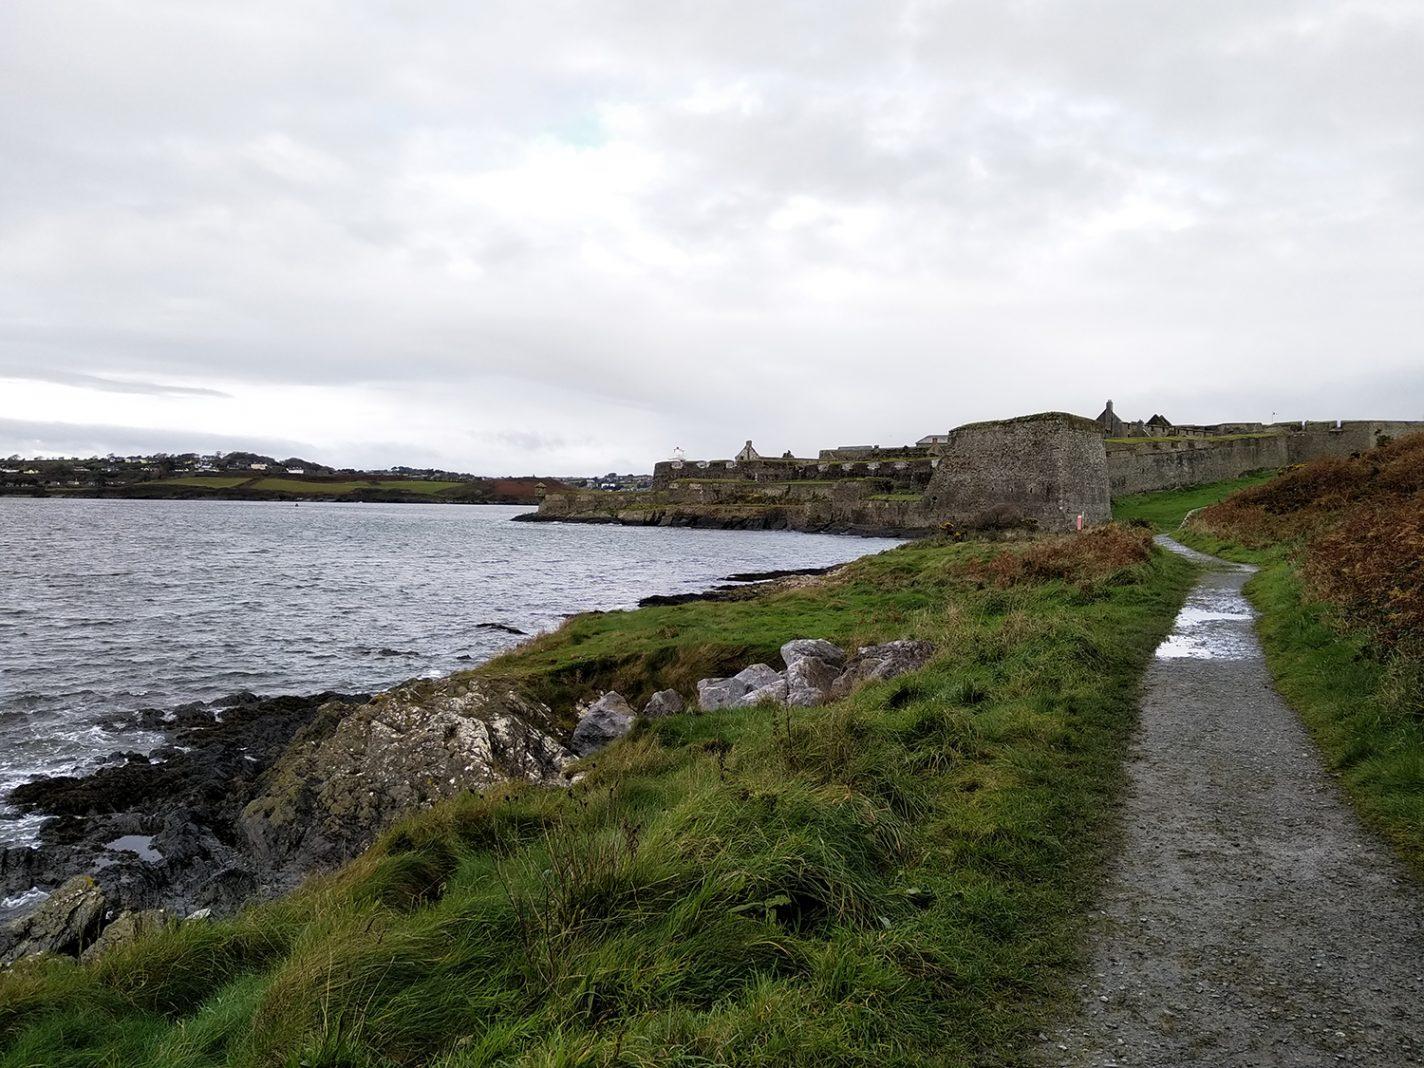 Wandelen langs het water (Fort en Kinsale op de achtergrond)